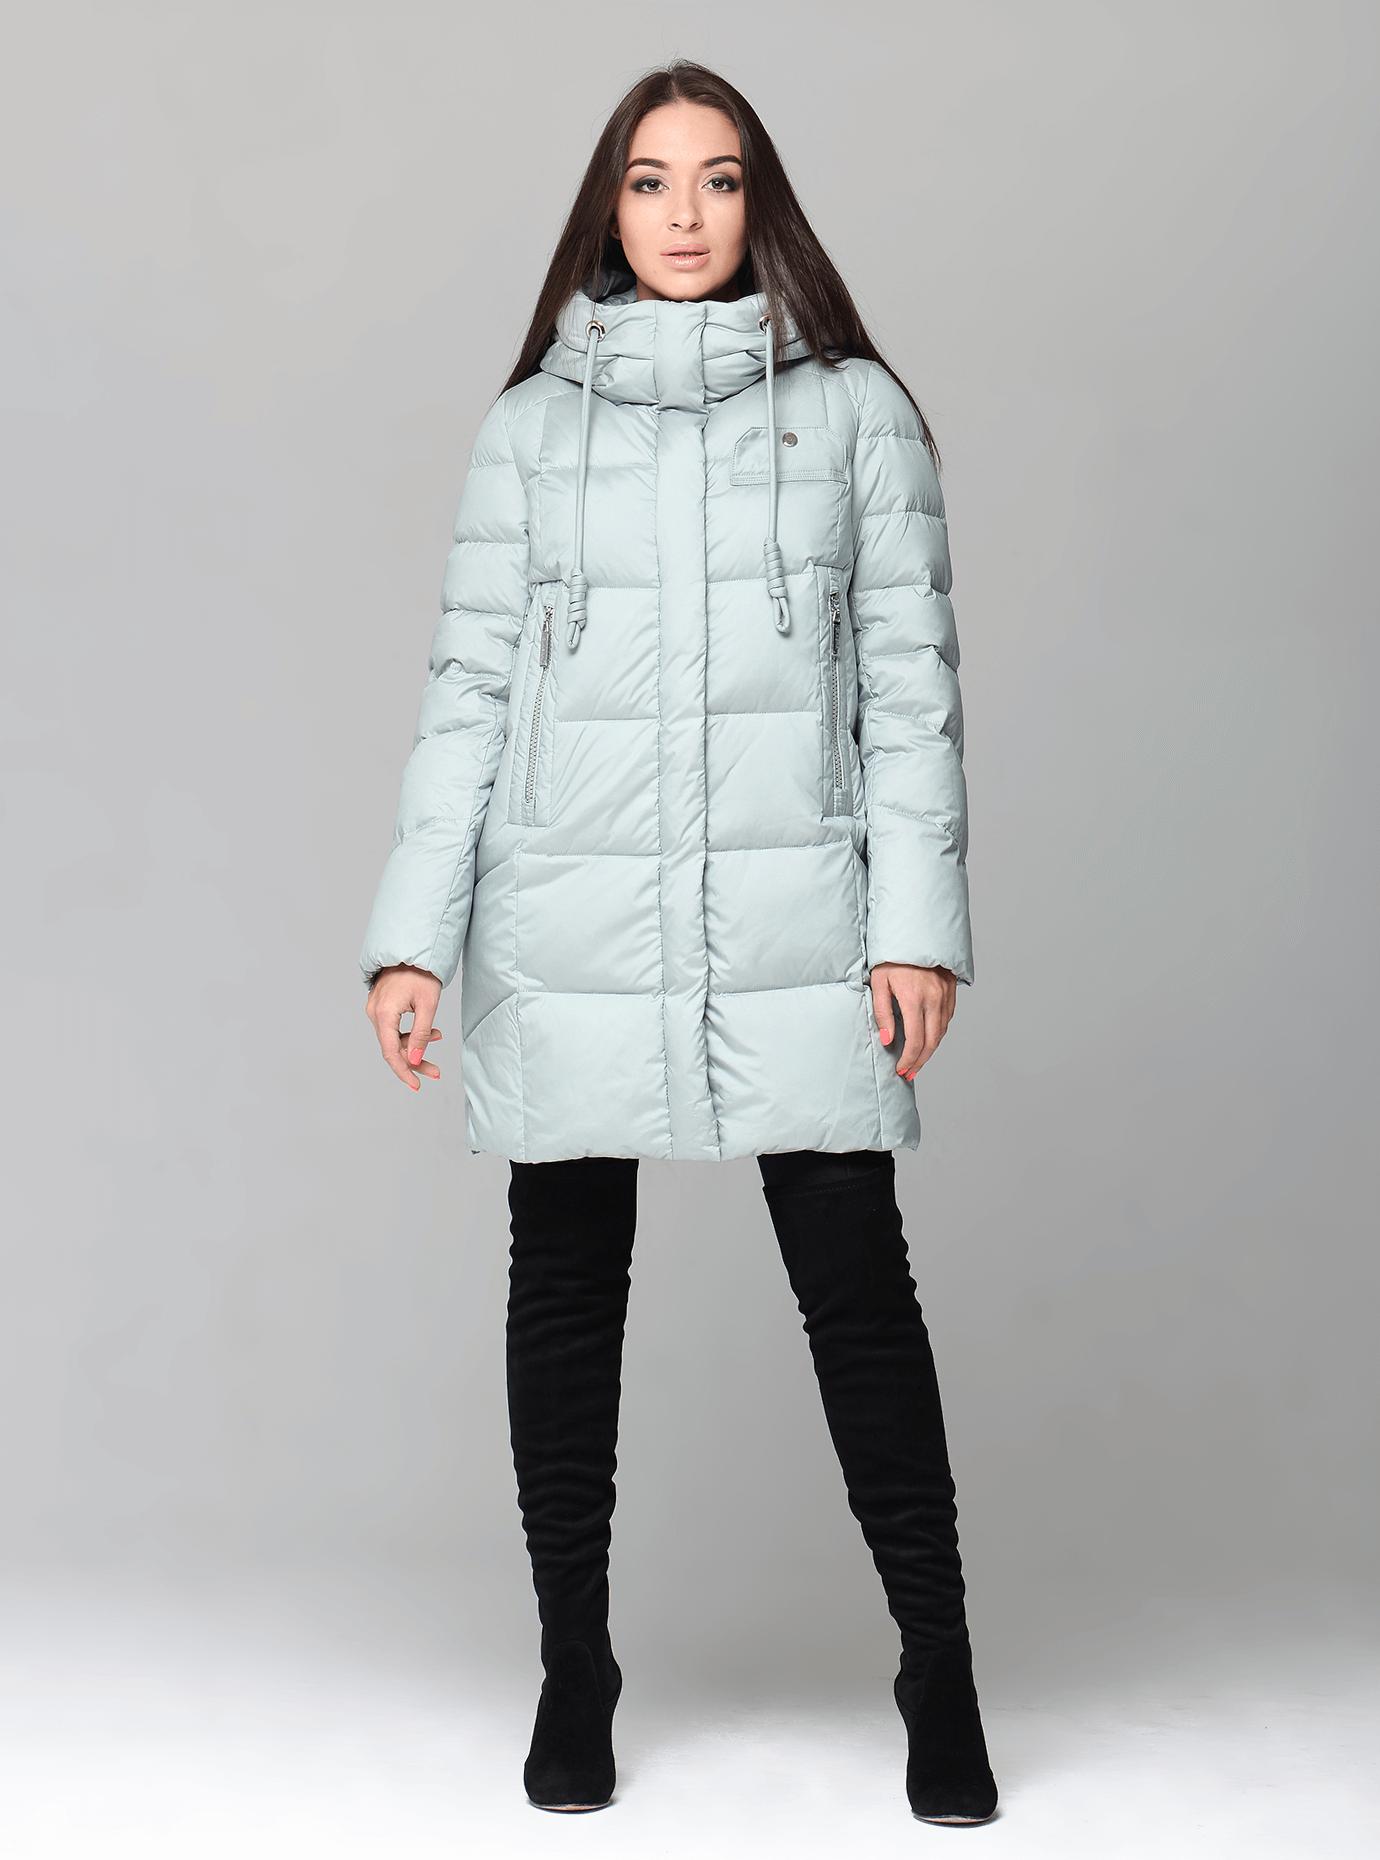 Куртка зимняя женская с капюшоном Чёрный S (02-CR170305): фото - Alster.ua